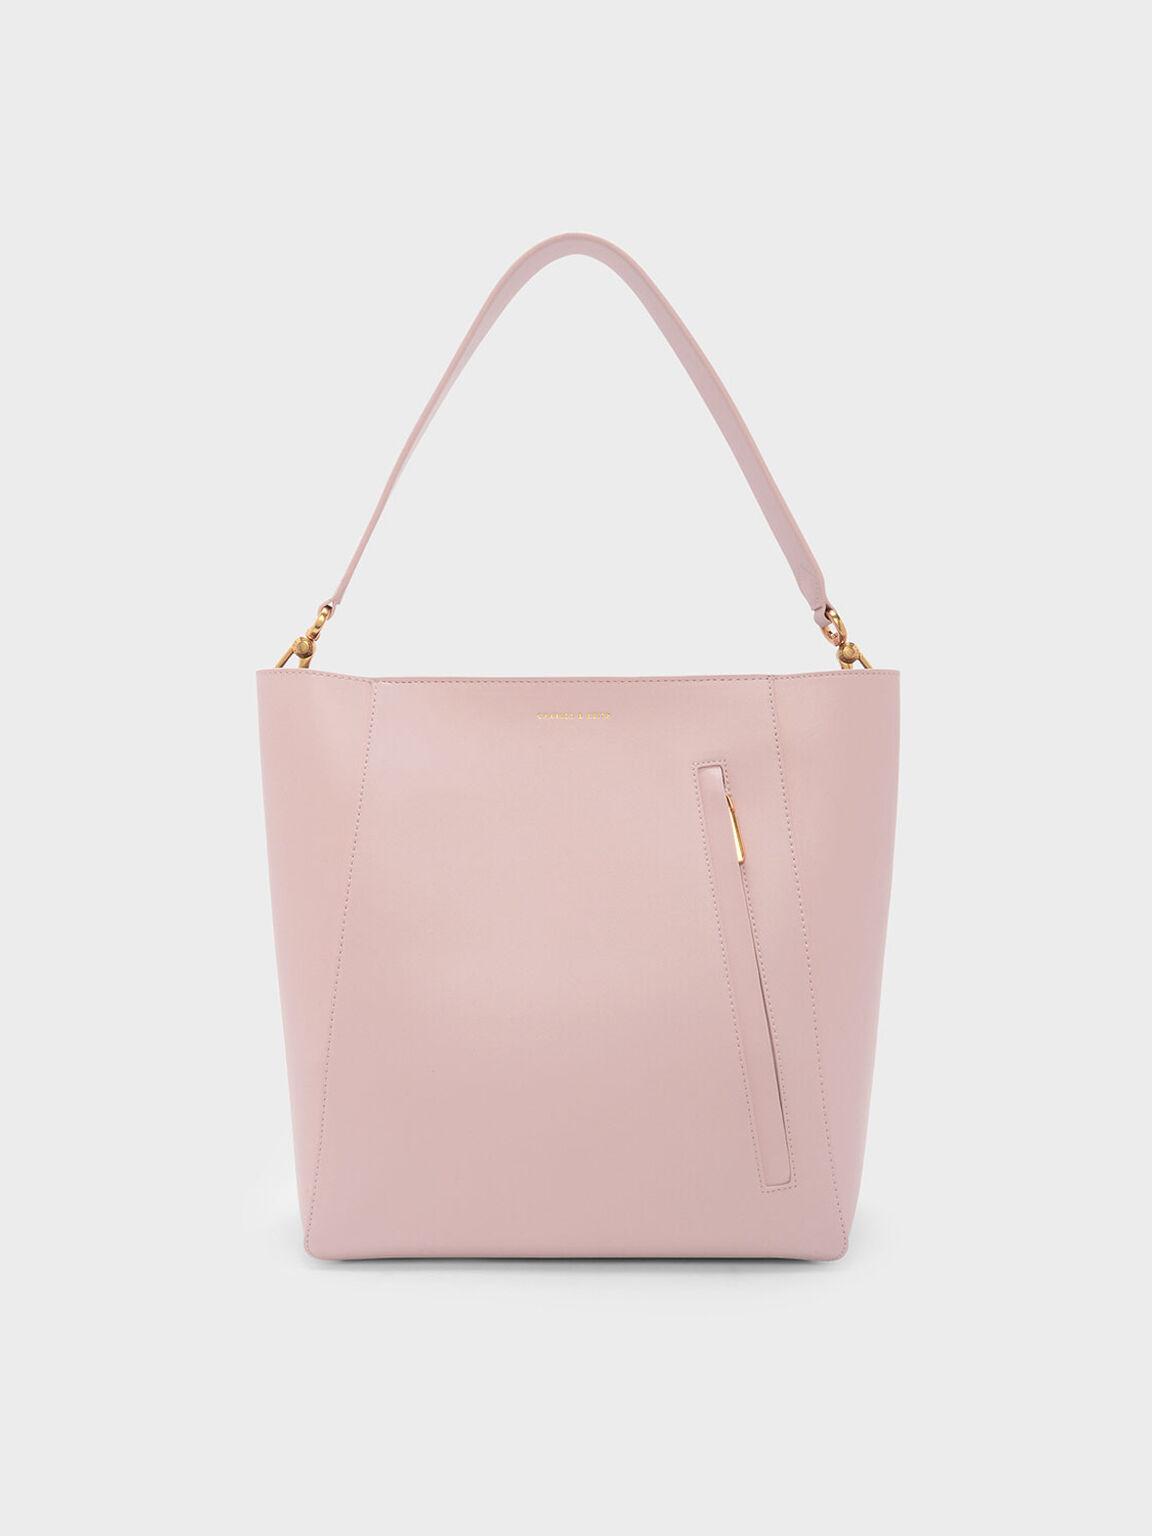 拉鍊式托特包, 嫩粉色, hi-res